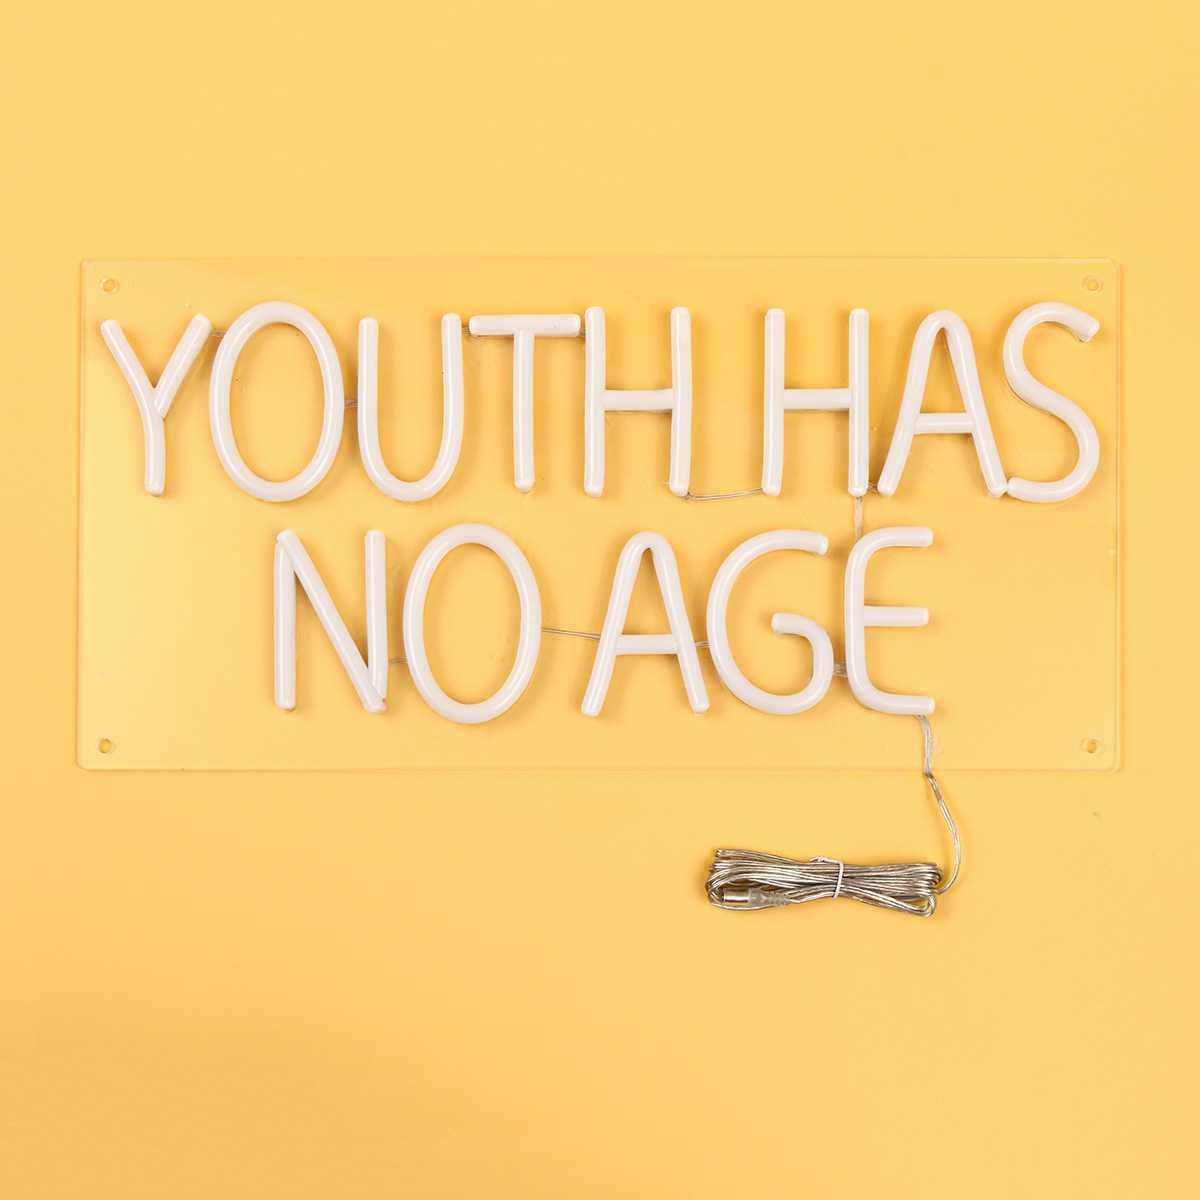 若者がありません年齢ネオンサイン Led チューブランプ視覚アートワークバー壁の装飾ライトボードホームオフィス装飾 100-240 V